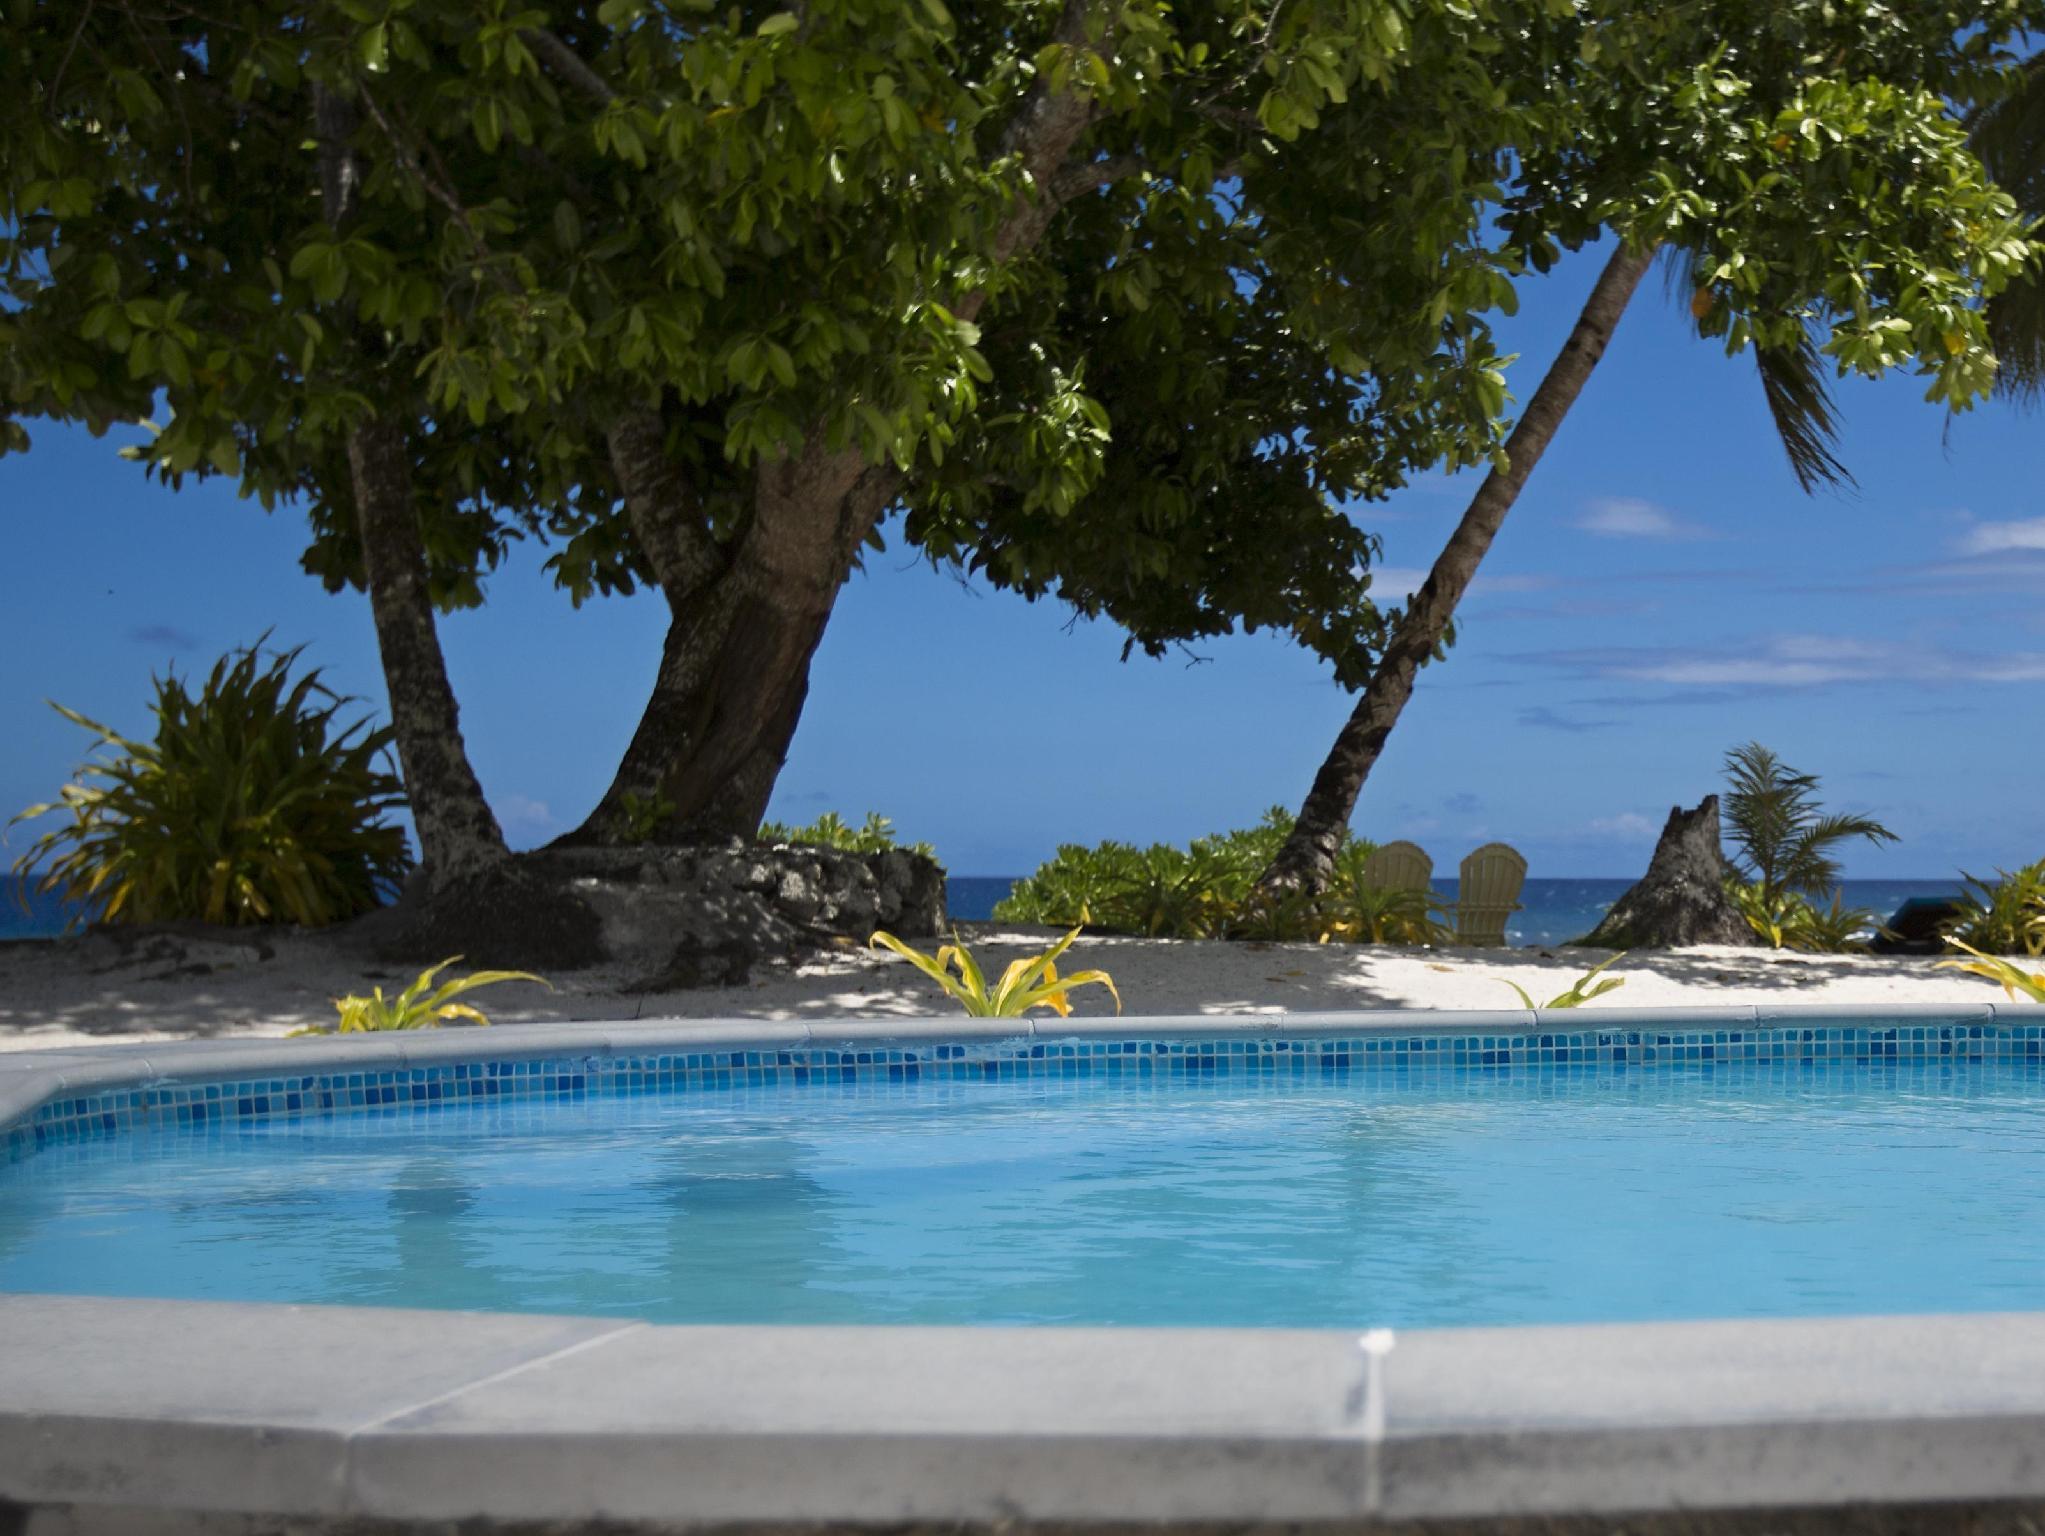 Return to Paradise Resort - Hotell och Boende i Samoa i Stilla havet och Australien